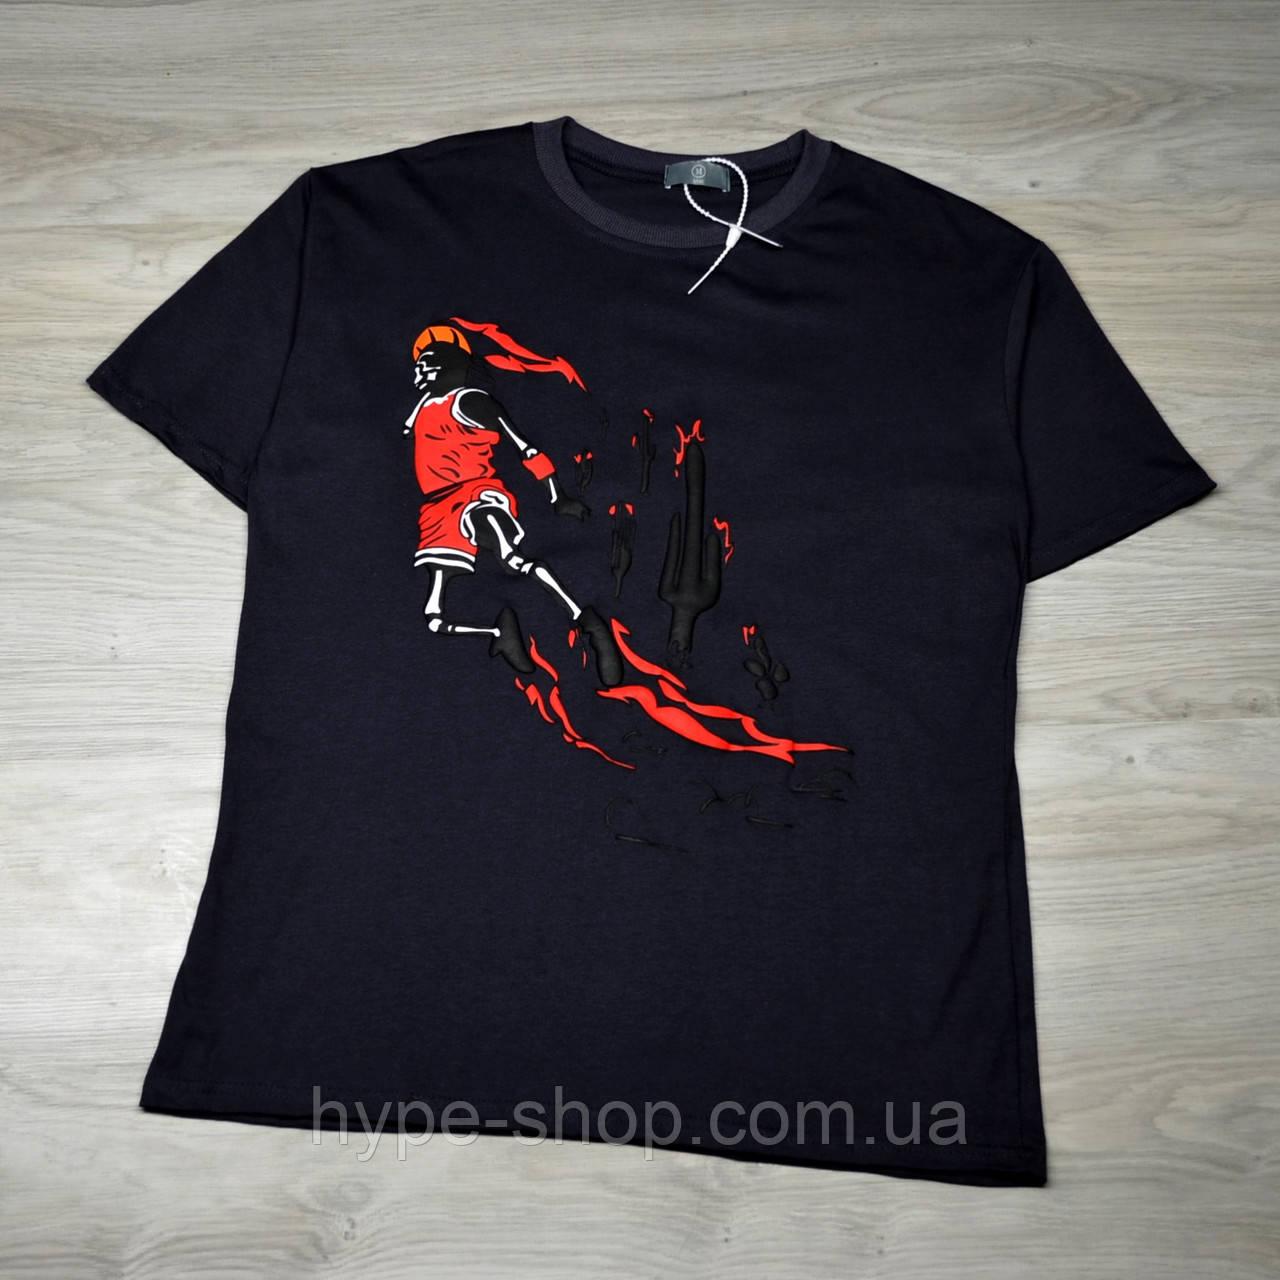 Мужская футболка Travis Scott x Jordan dark grey с качественным принтом